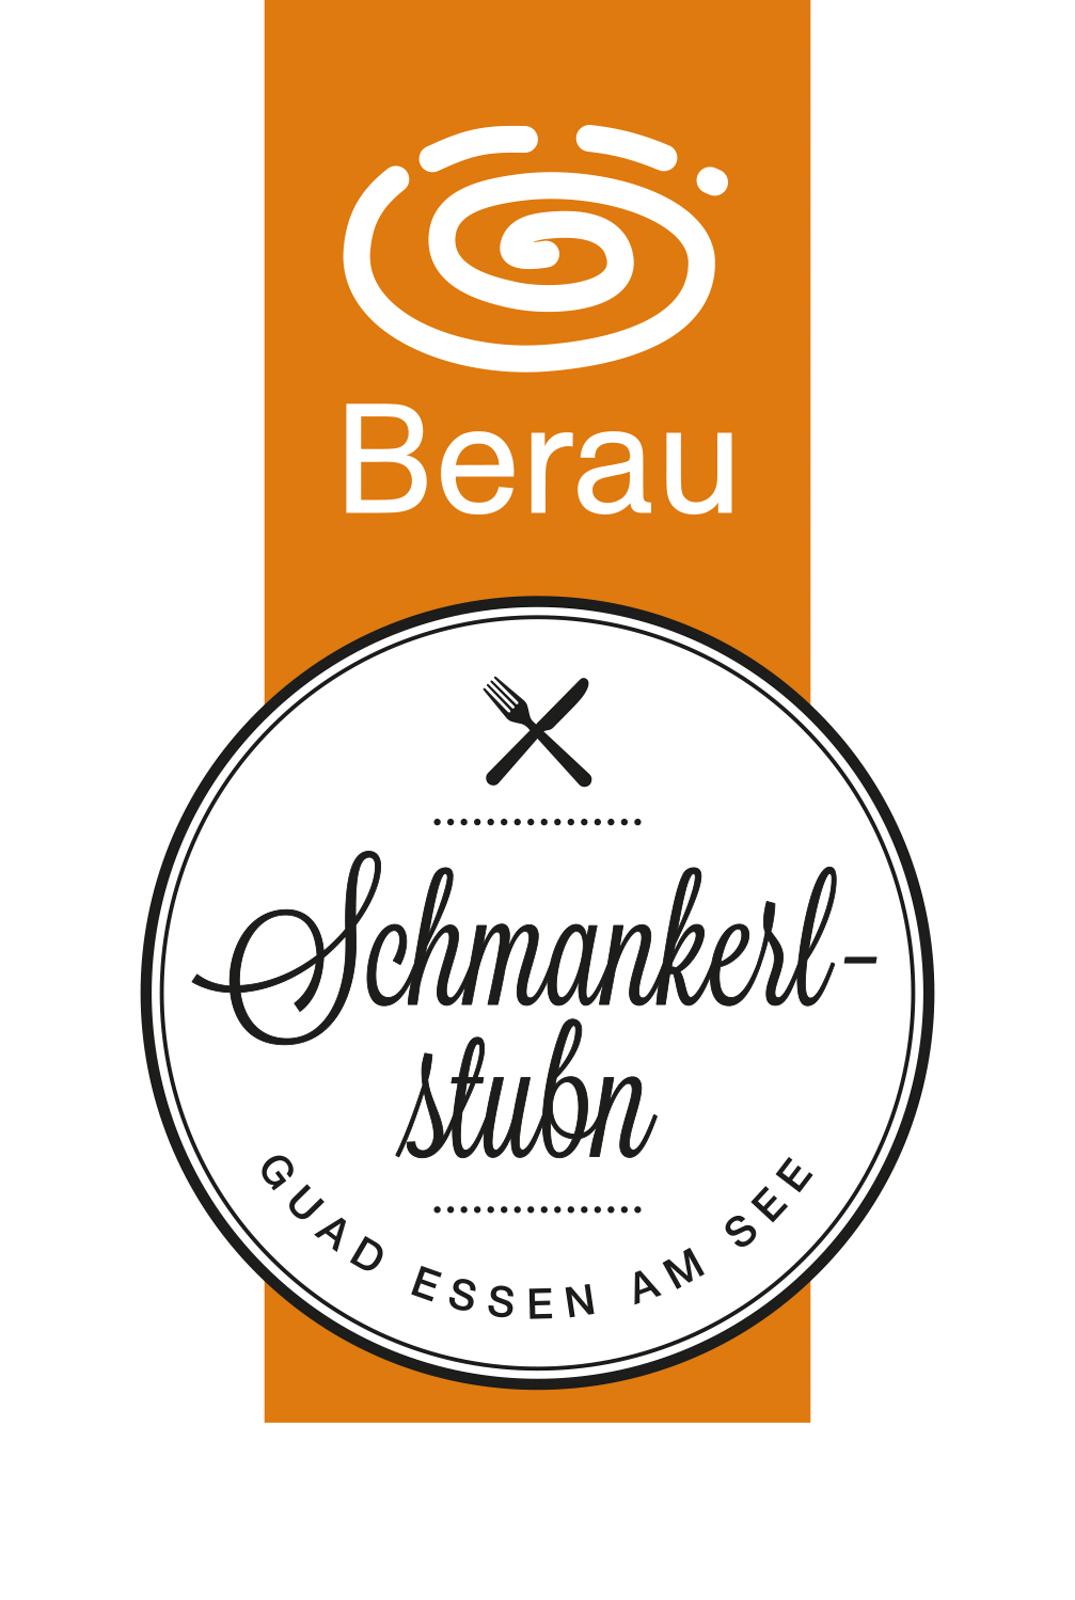 005 Logos Berau 3.jpg